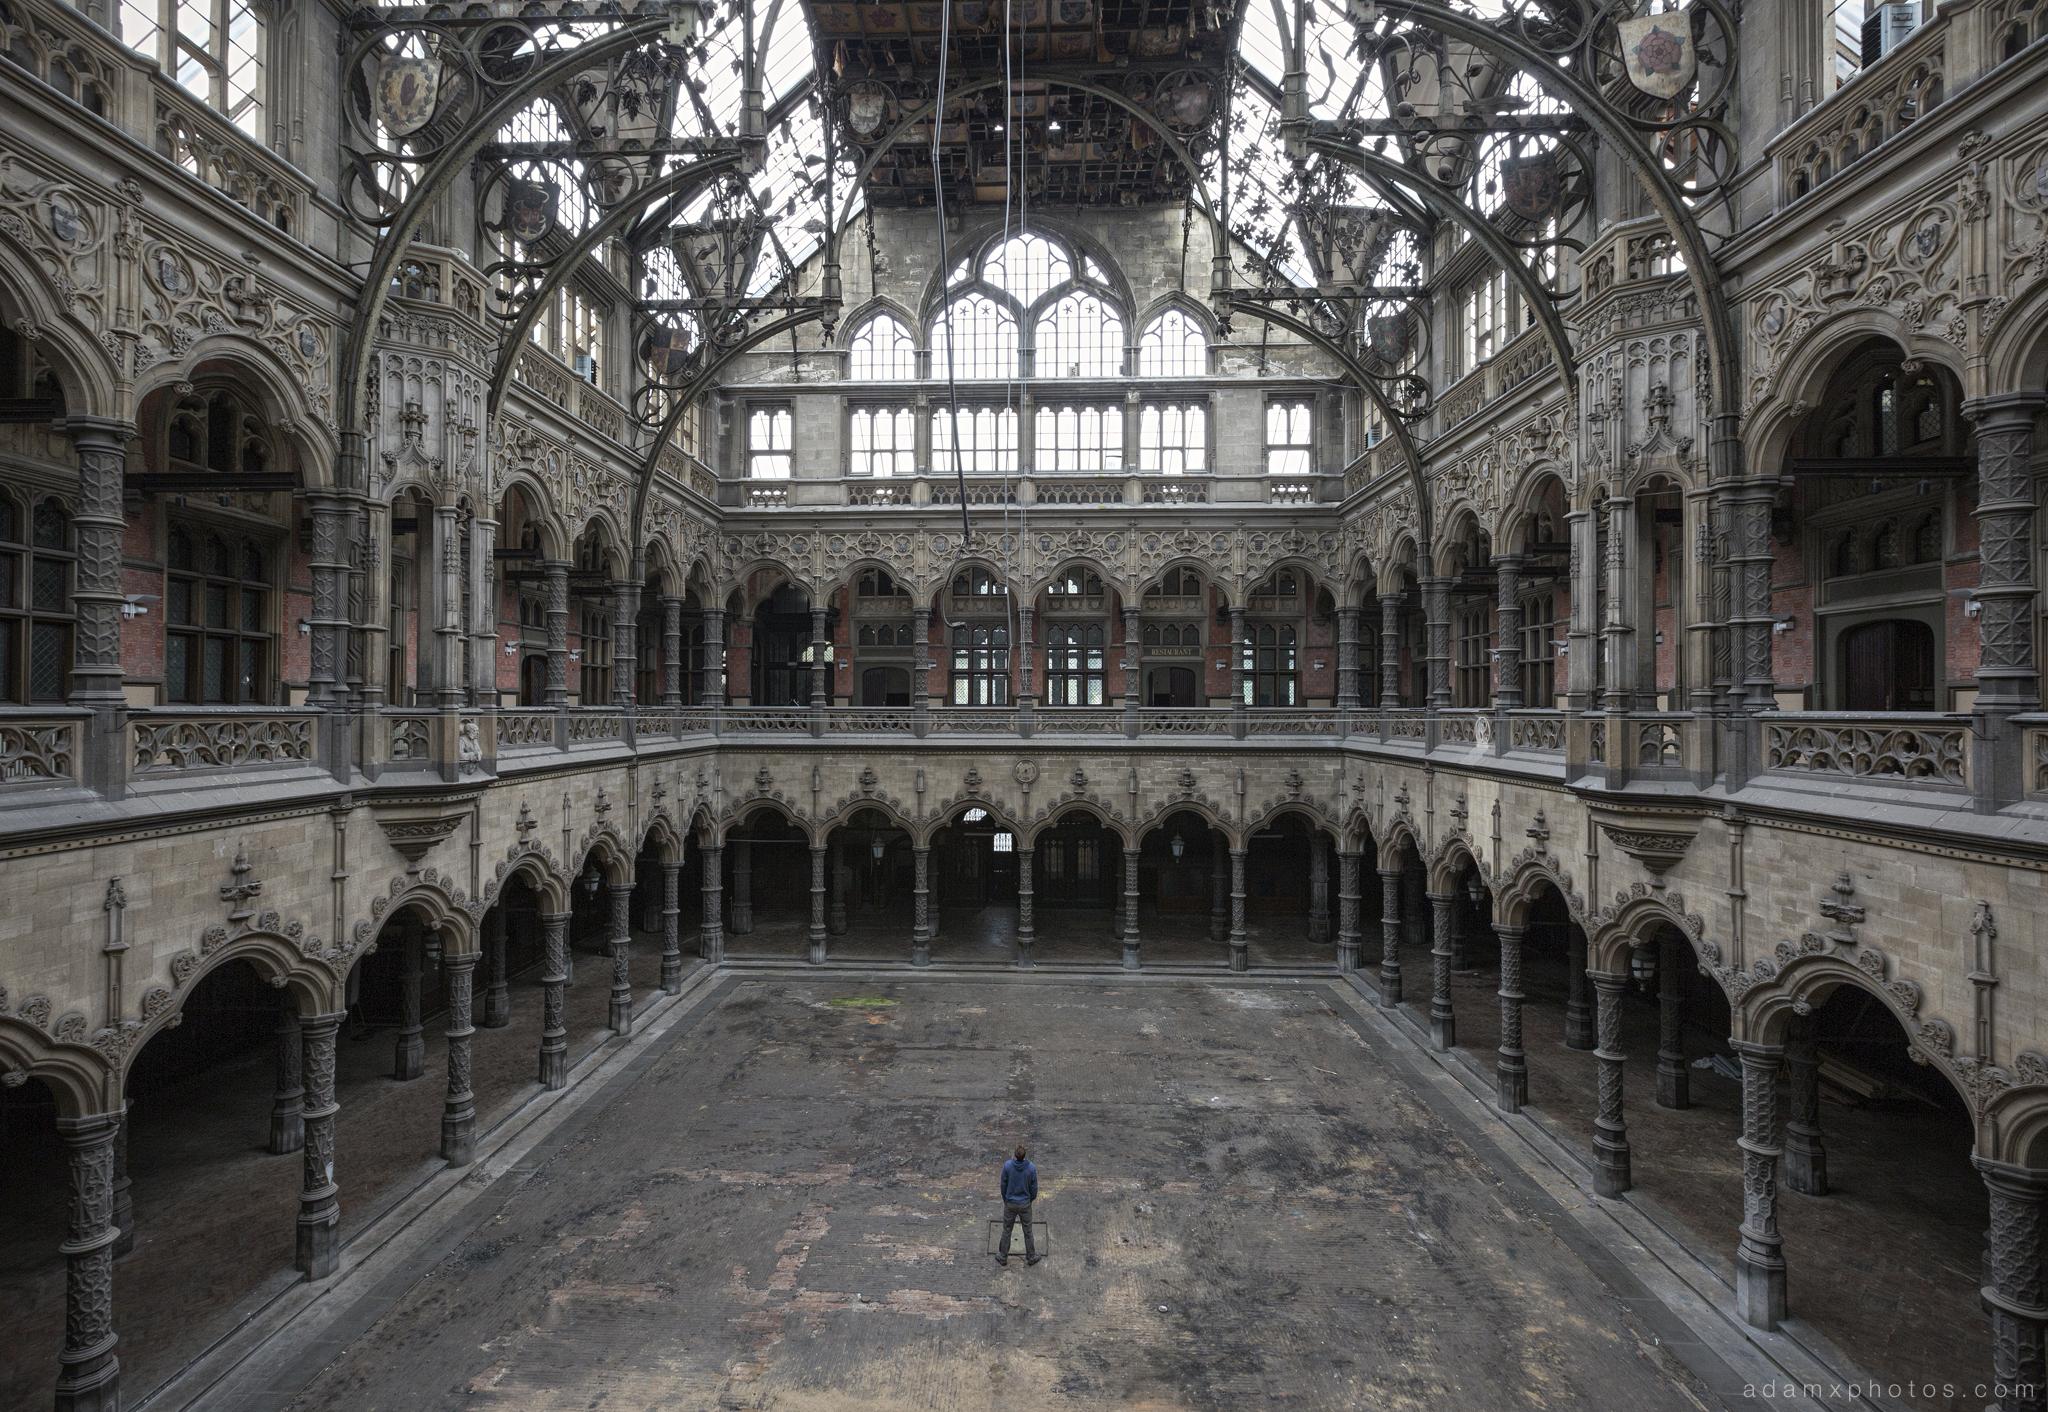 Inside selfie CDC Chambre De Commerce Antwerp Belgium Antwerpen Urbex Adam X Urban Exploration 2015 Abandoned decay lost forgotten derelict